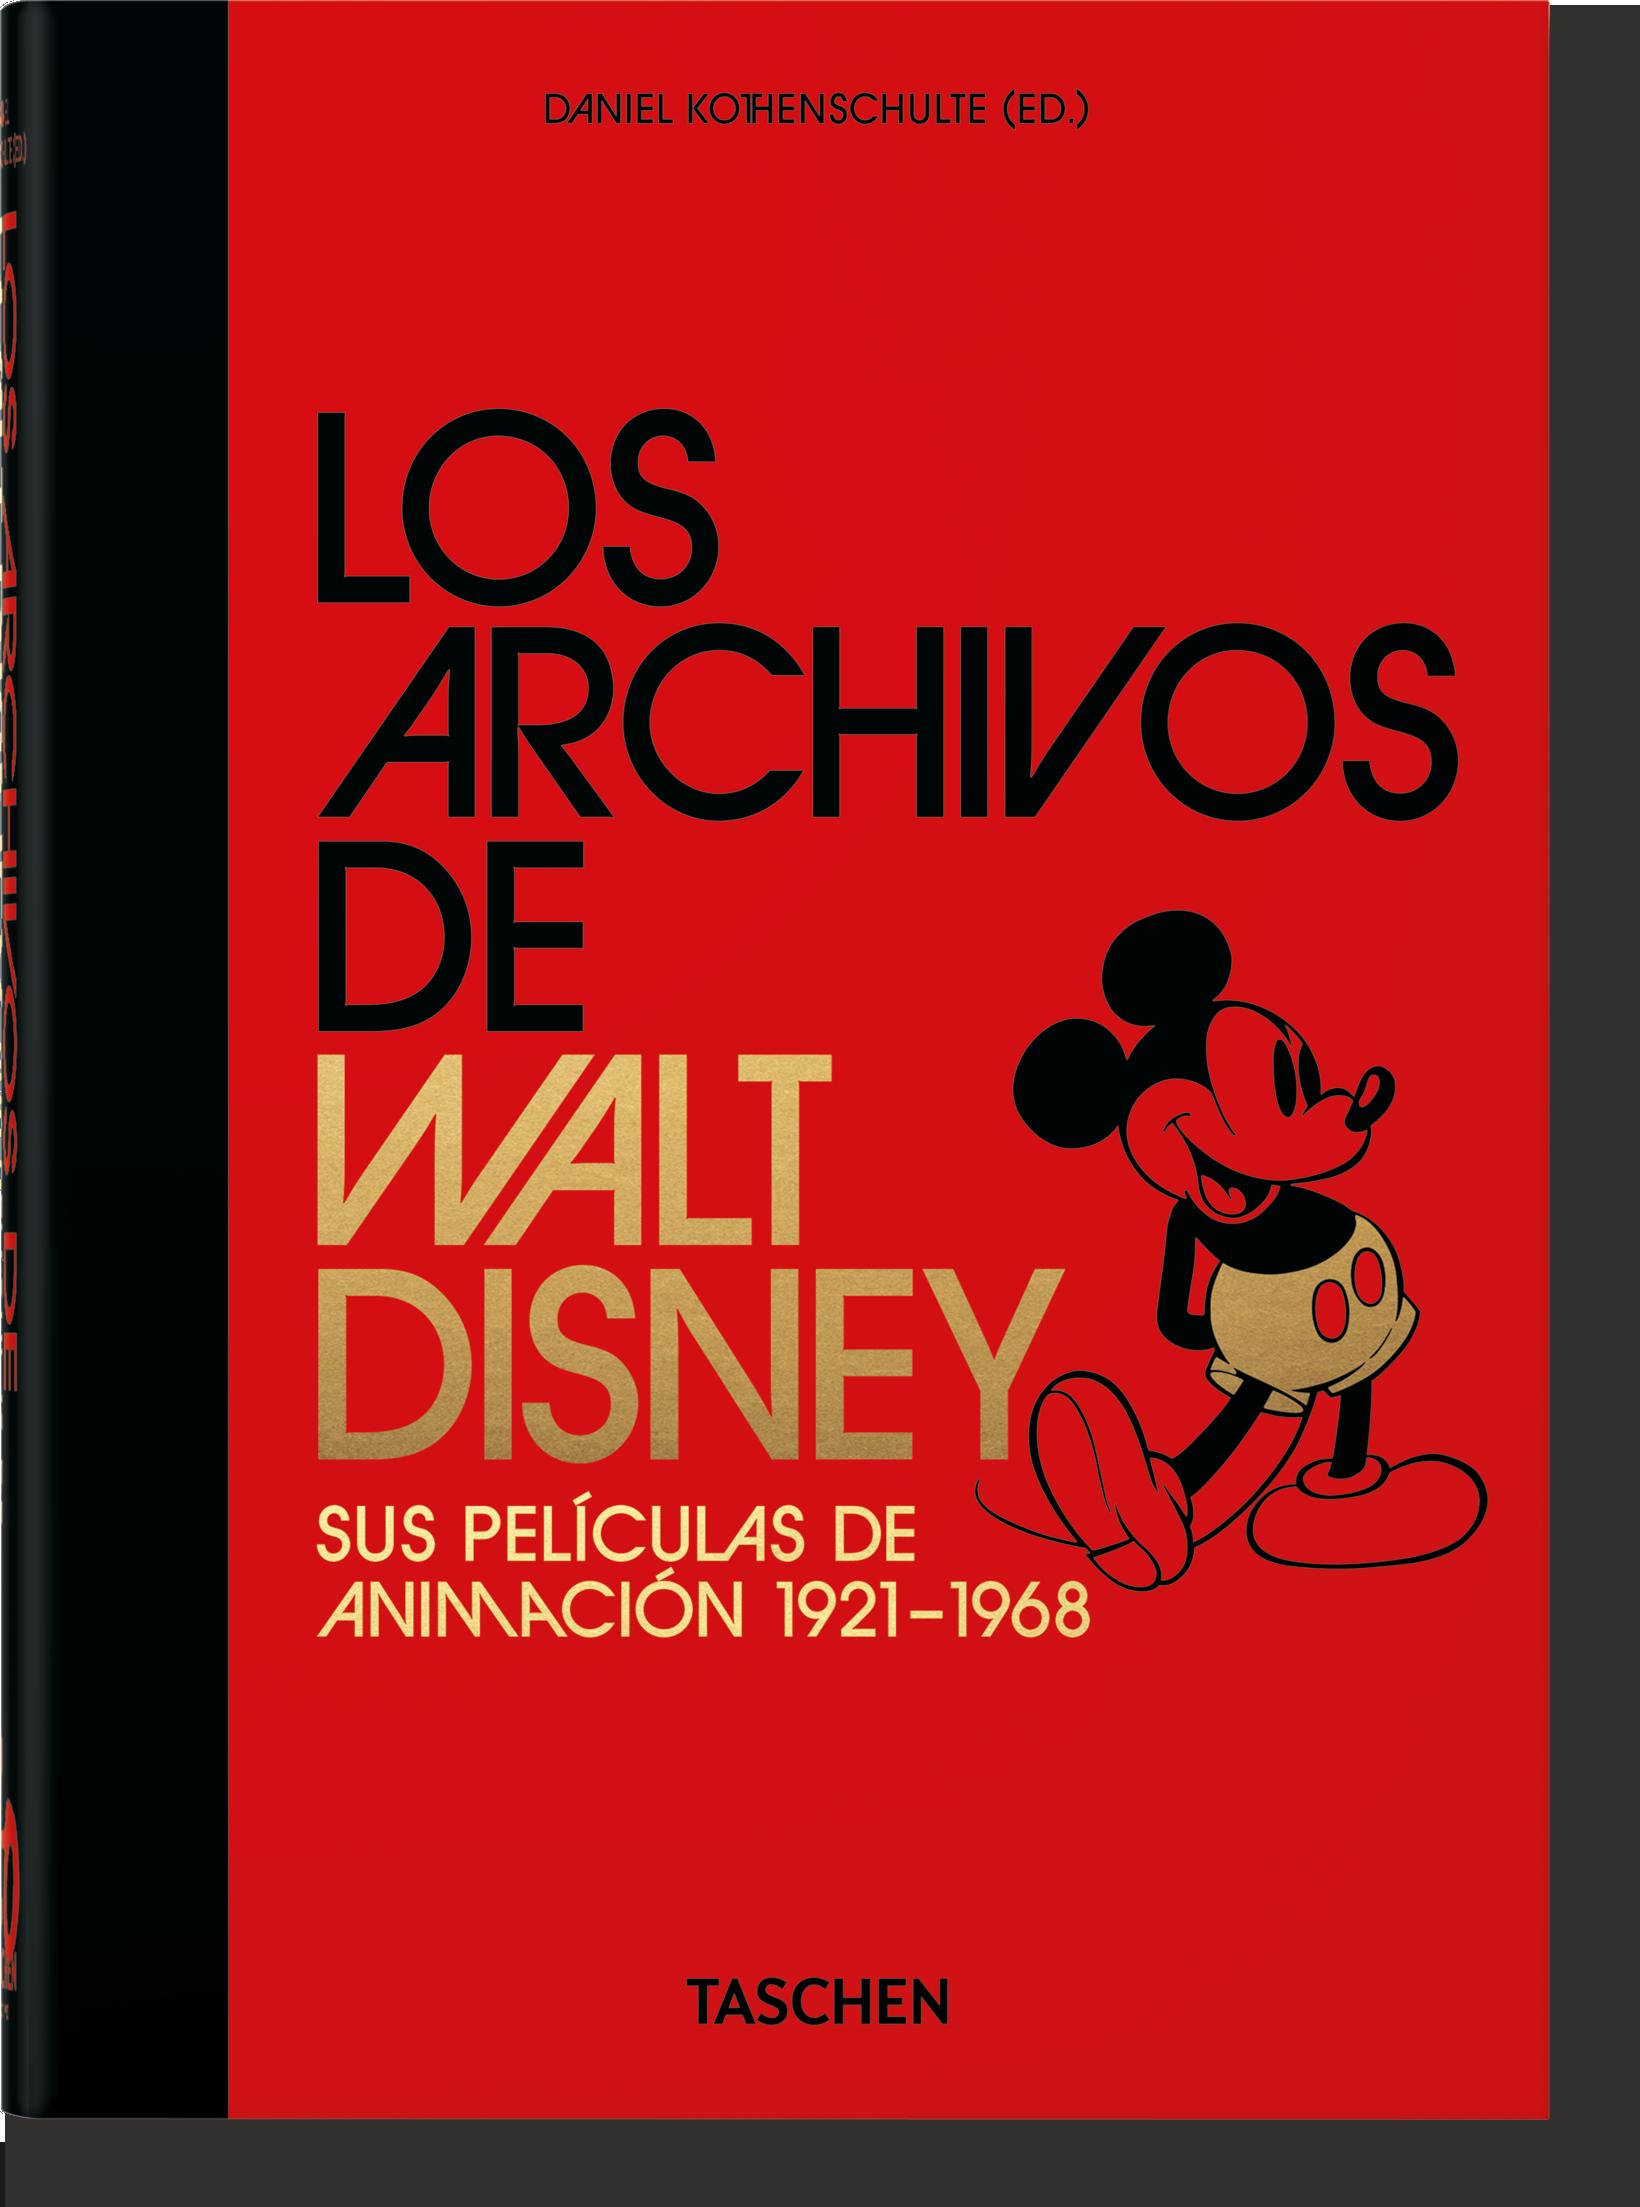 Los Archivos de Walt Disney: sus películas de animación - Kothenschulte Daniel